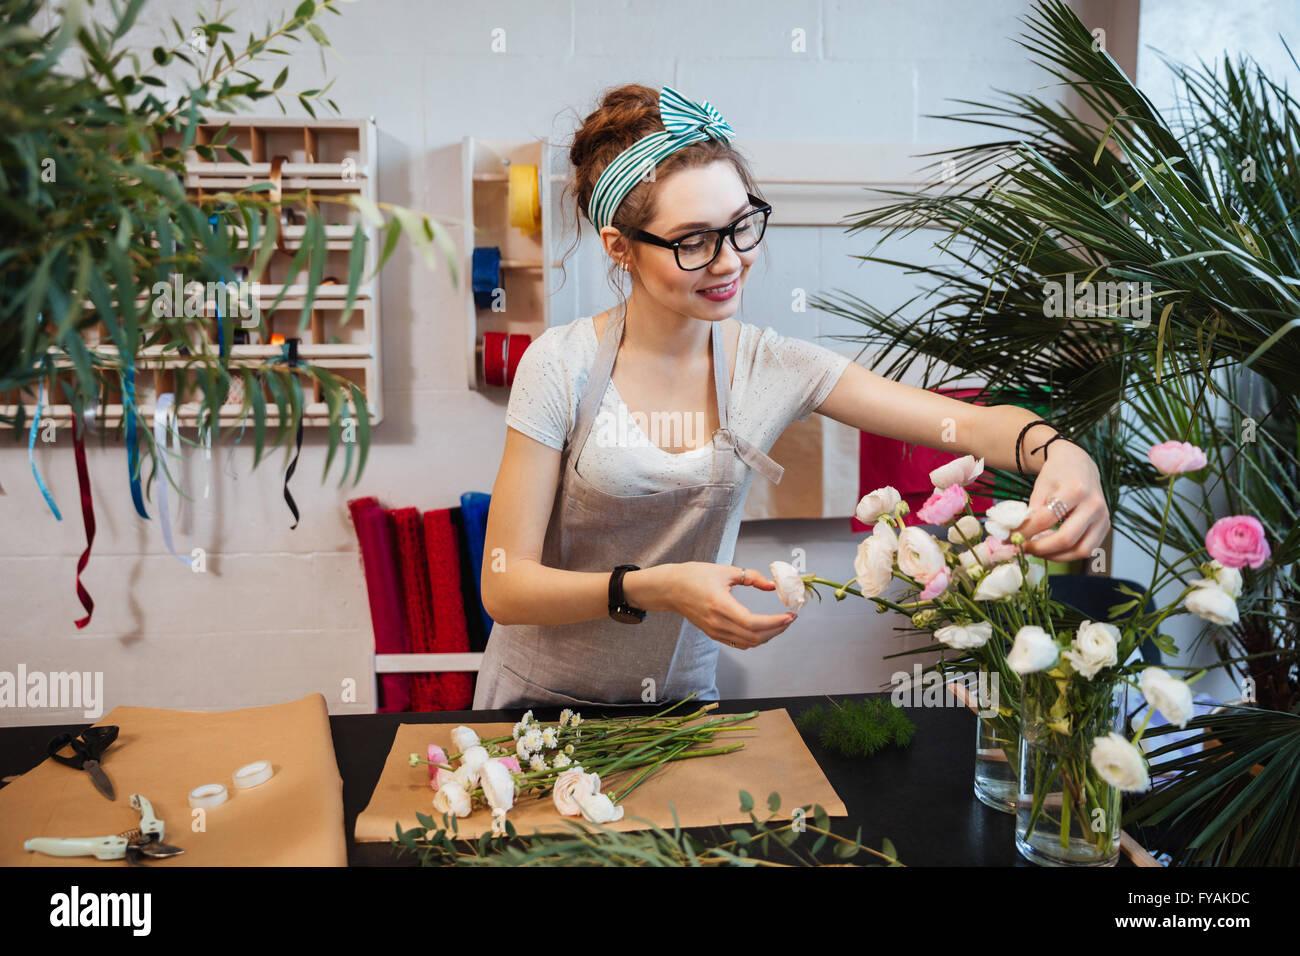 Sorridente attraente giovane donna fioraio e lavoro rendendo bouquet nel negozio di fiori Immagini Stock